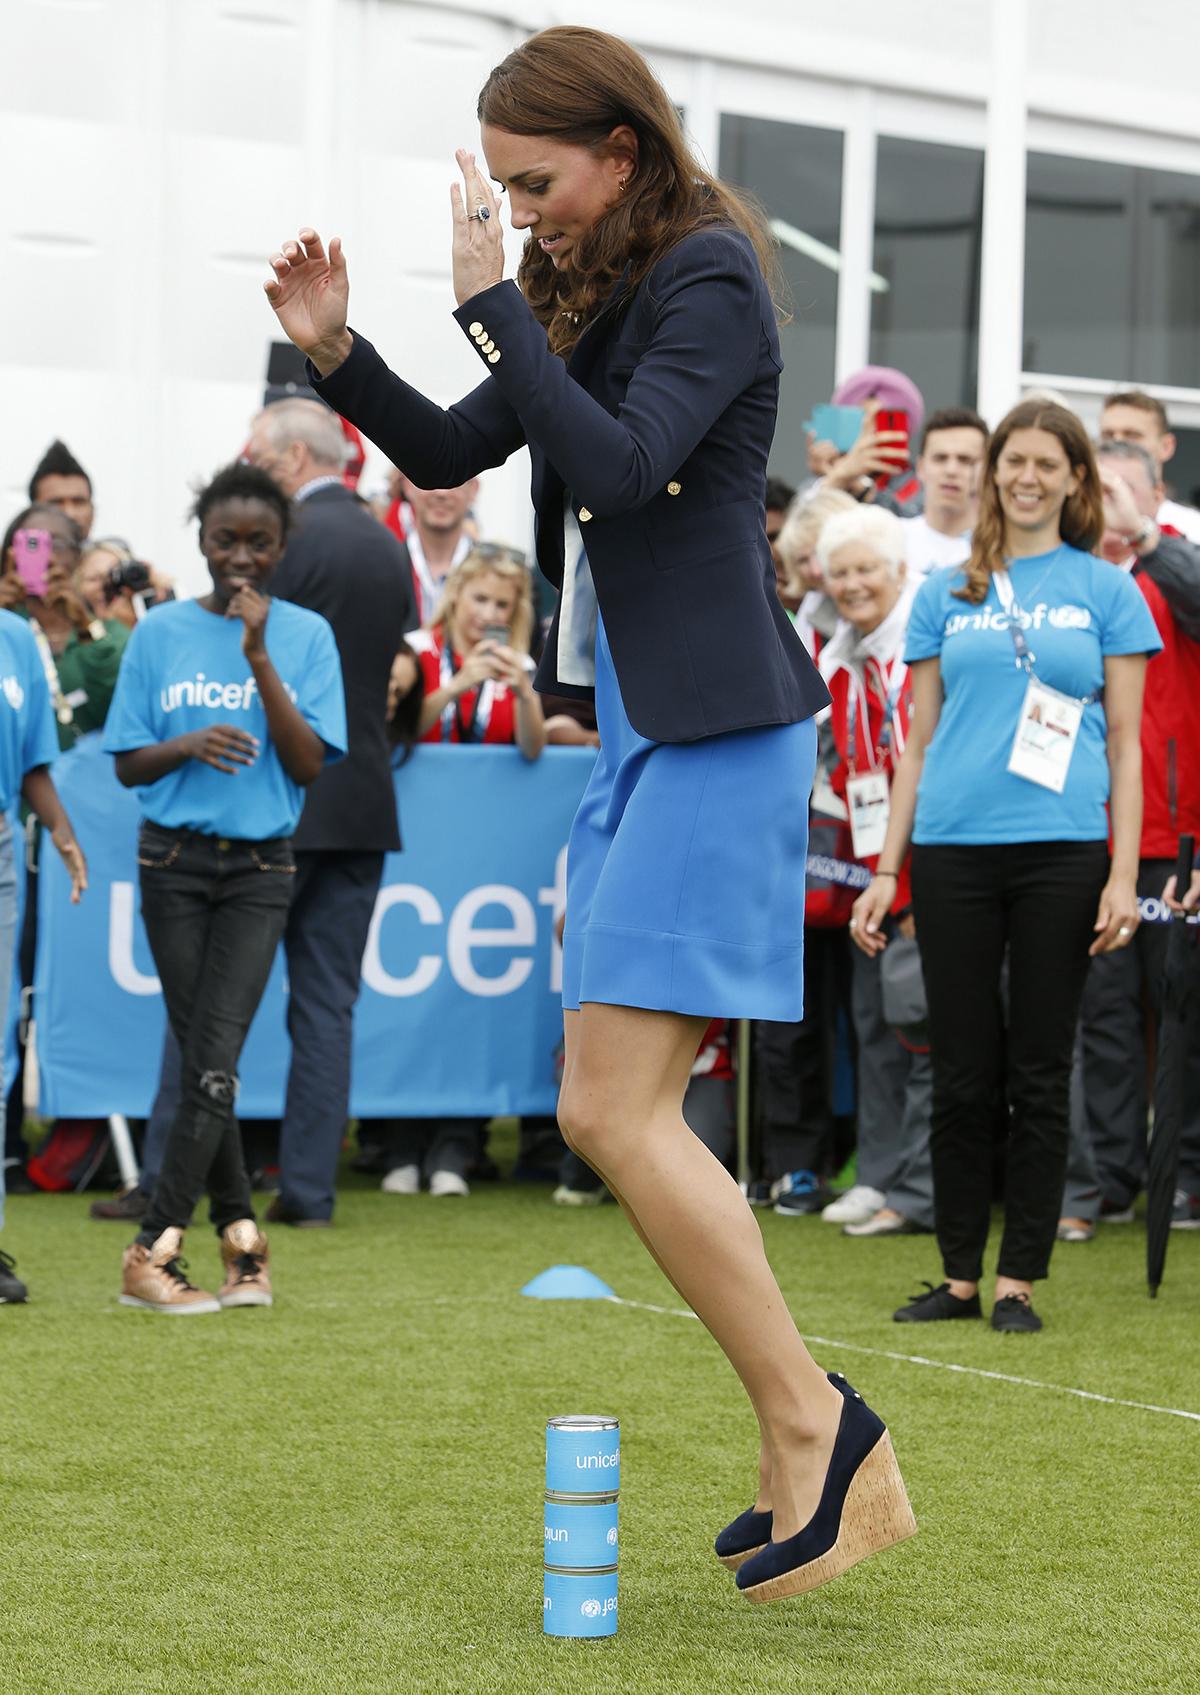 Księżna Kate skacze przez puszki w koturnach